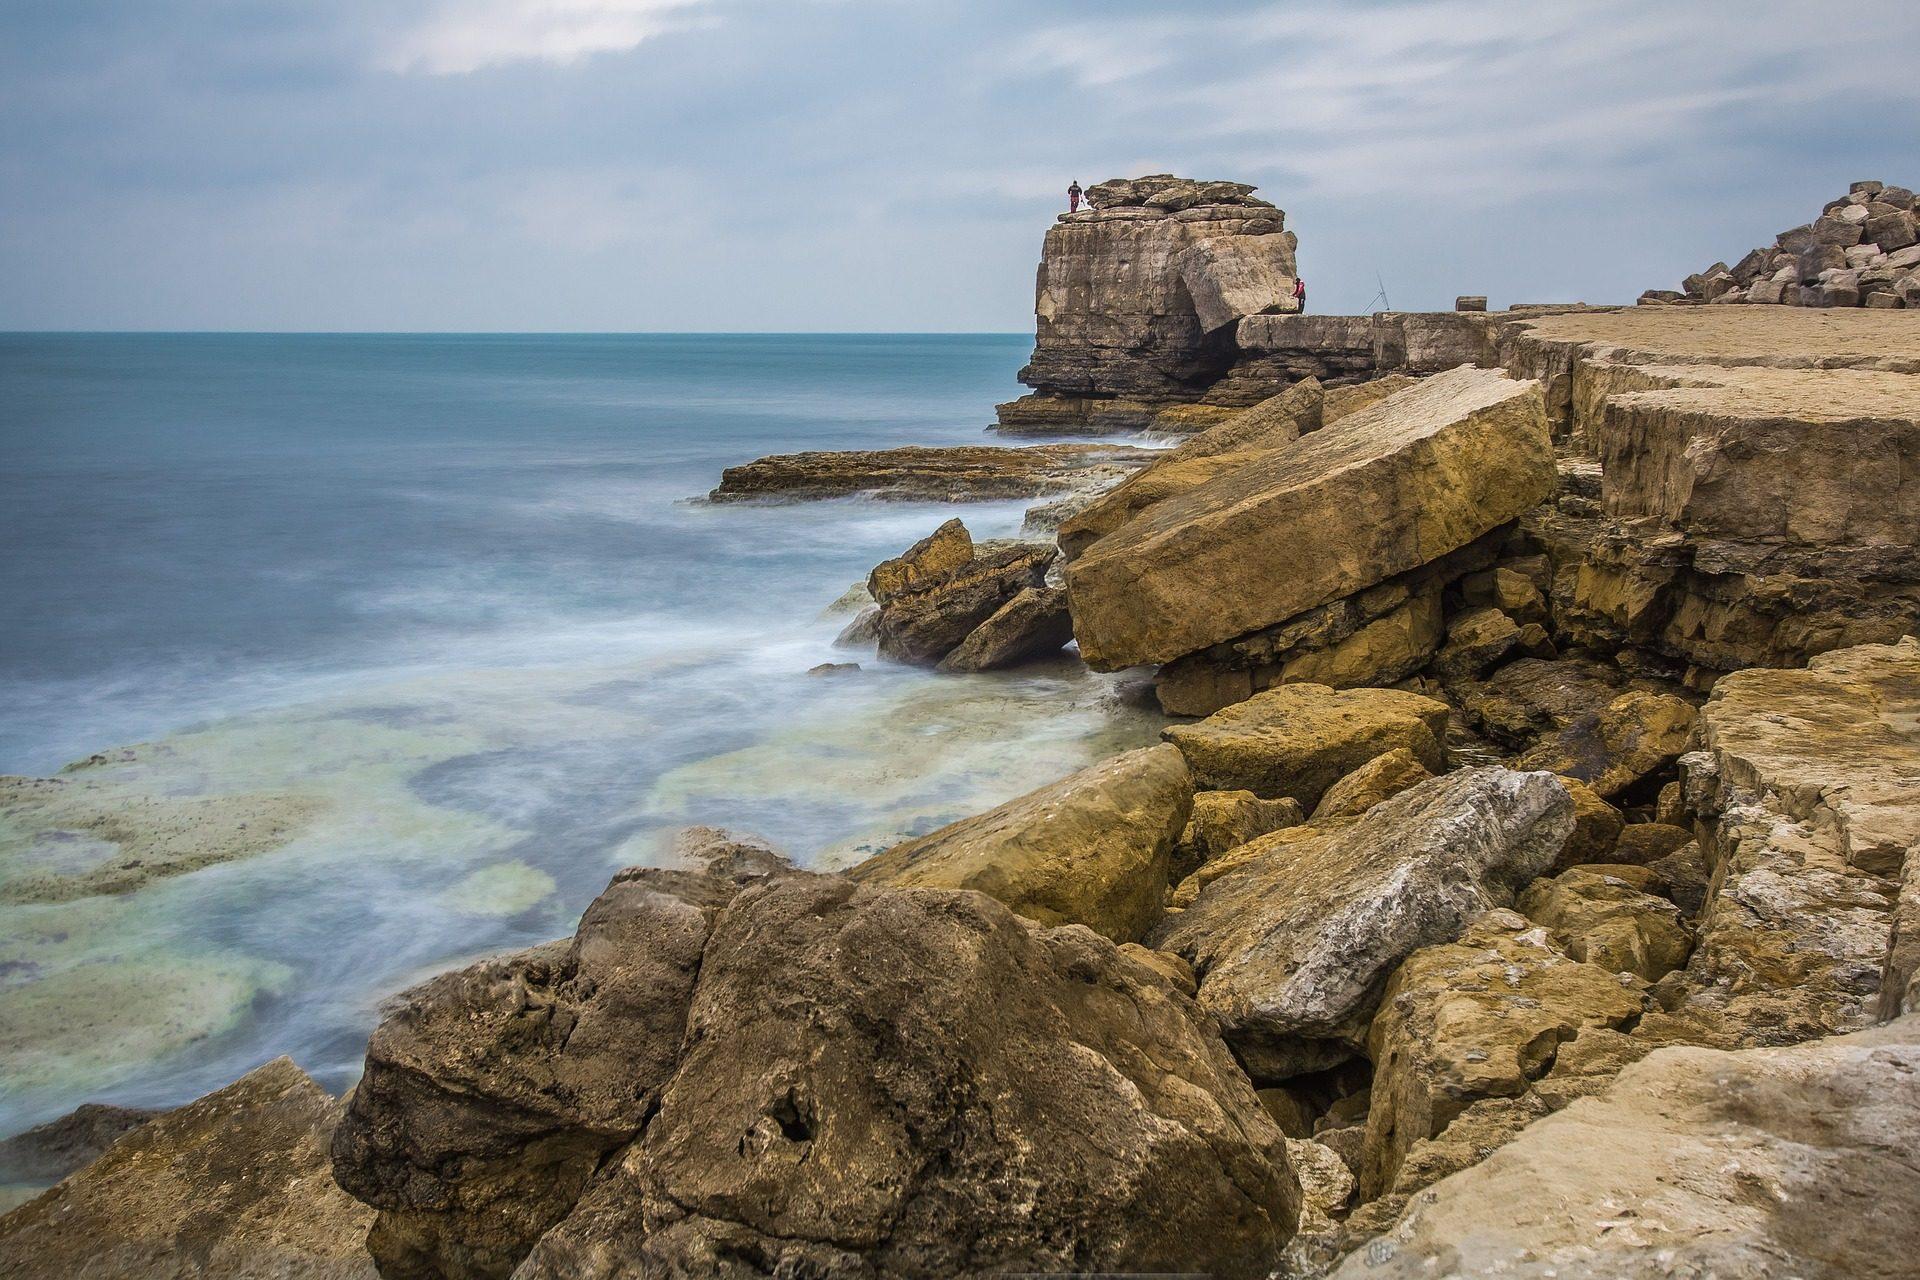 Κόστα, Θάλασσα, Ύφαλος, πέτρες, portland, Αγγλία - Wallpapers HD - Professor-falken.com